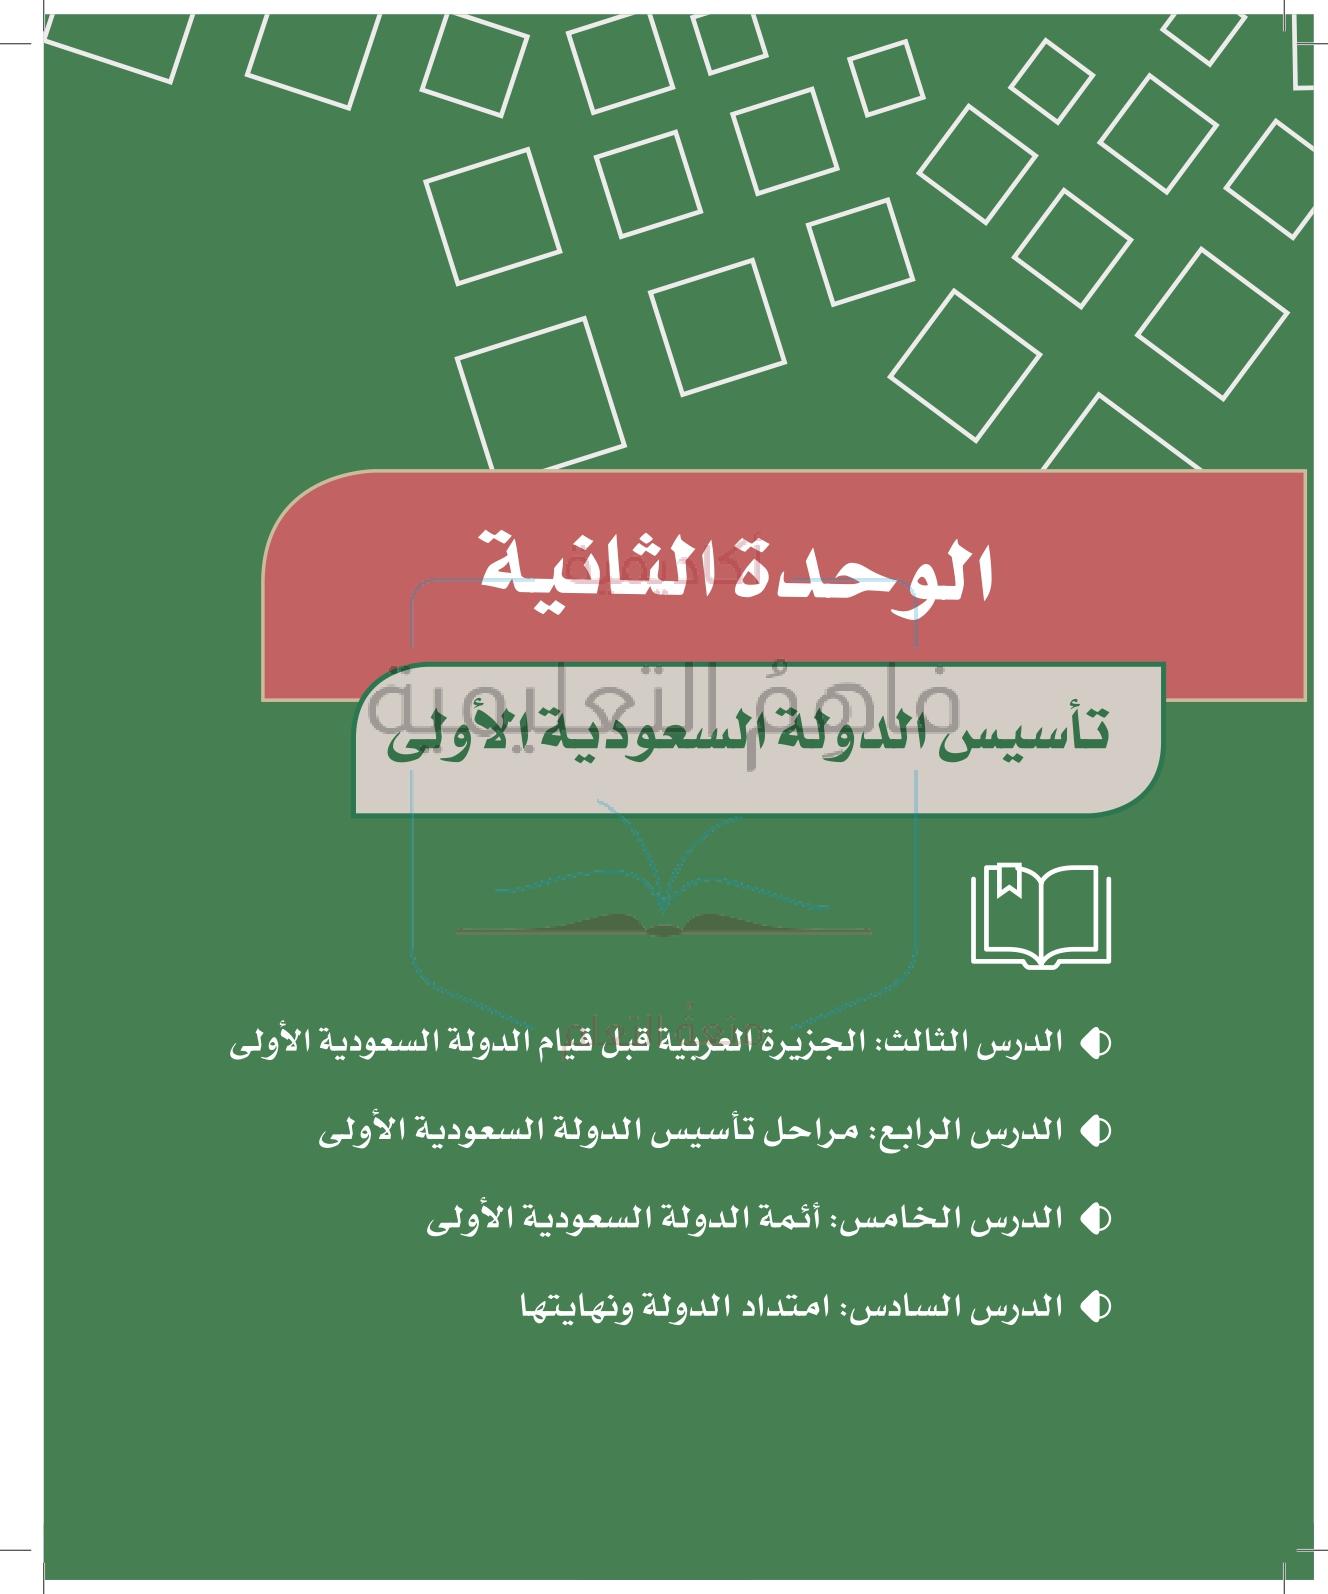 حل دراسات اجتماعية سادس – الوحدة (2) – الدولة السعودية الأولى – صفحة 26-64